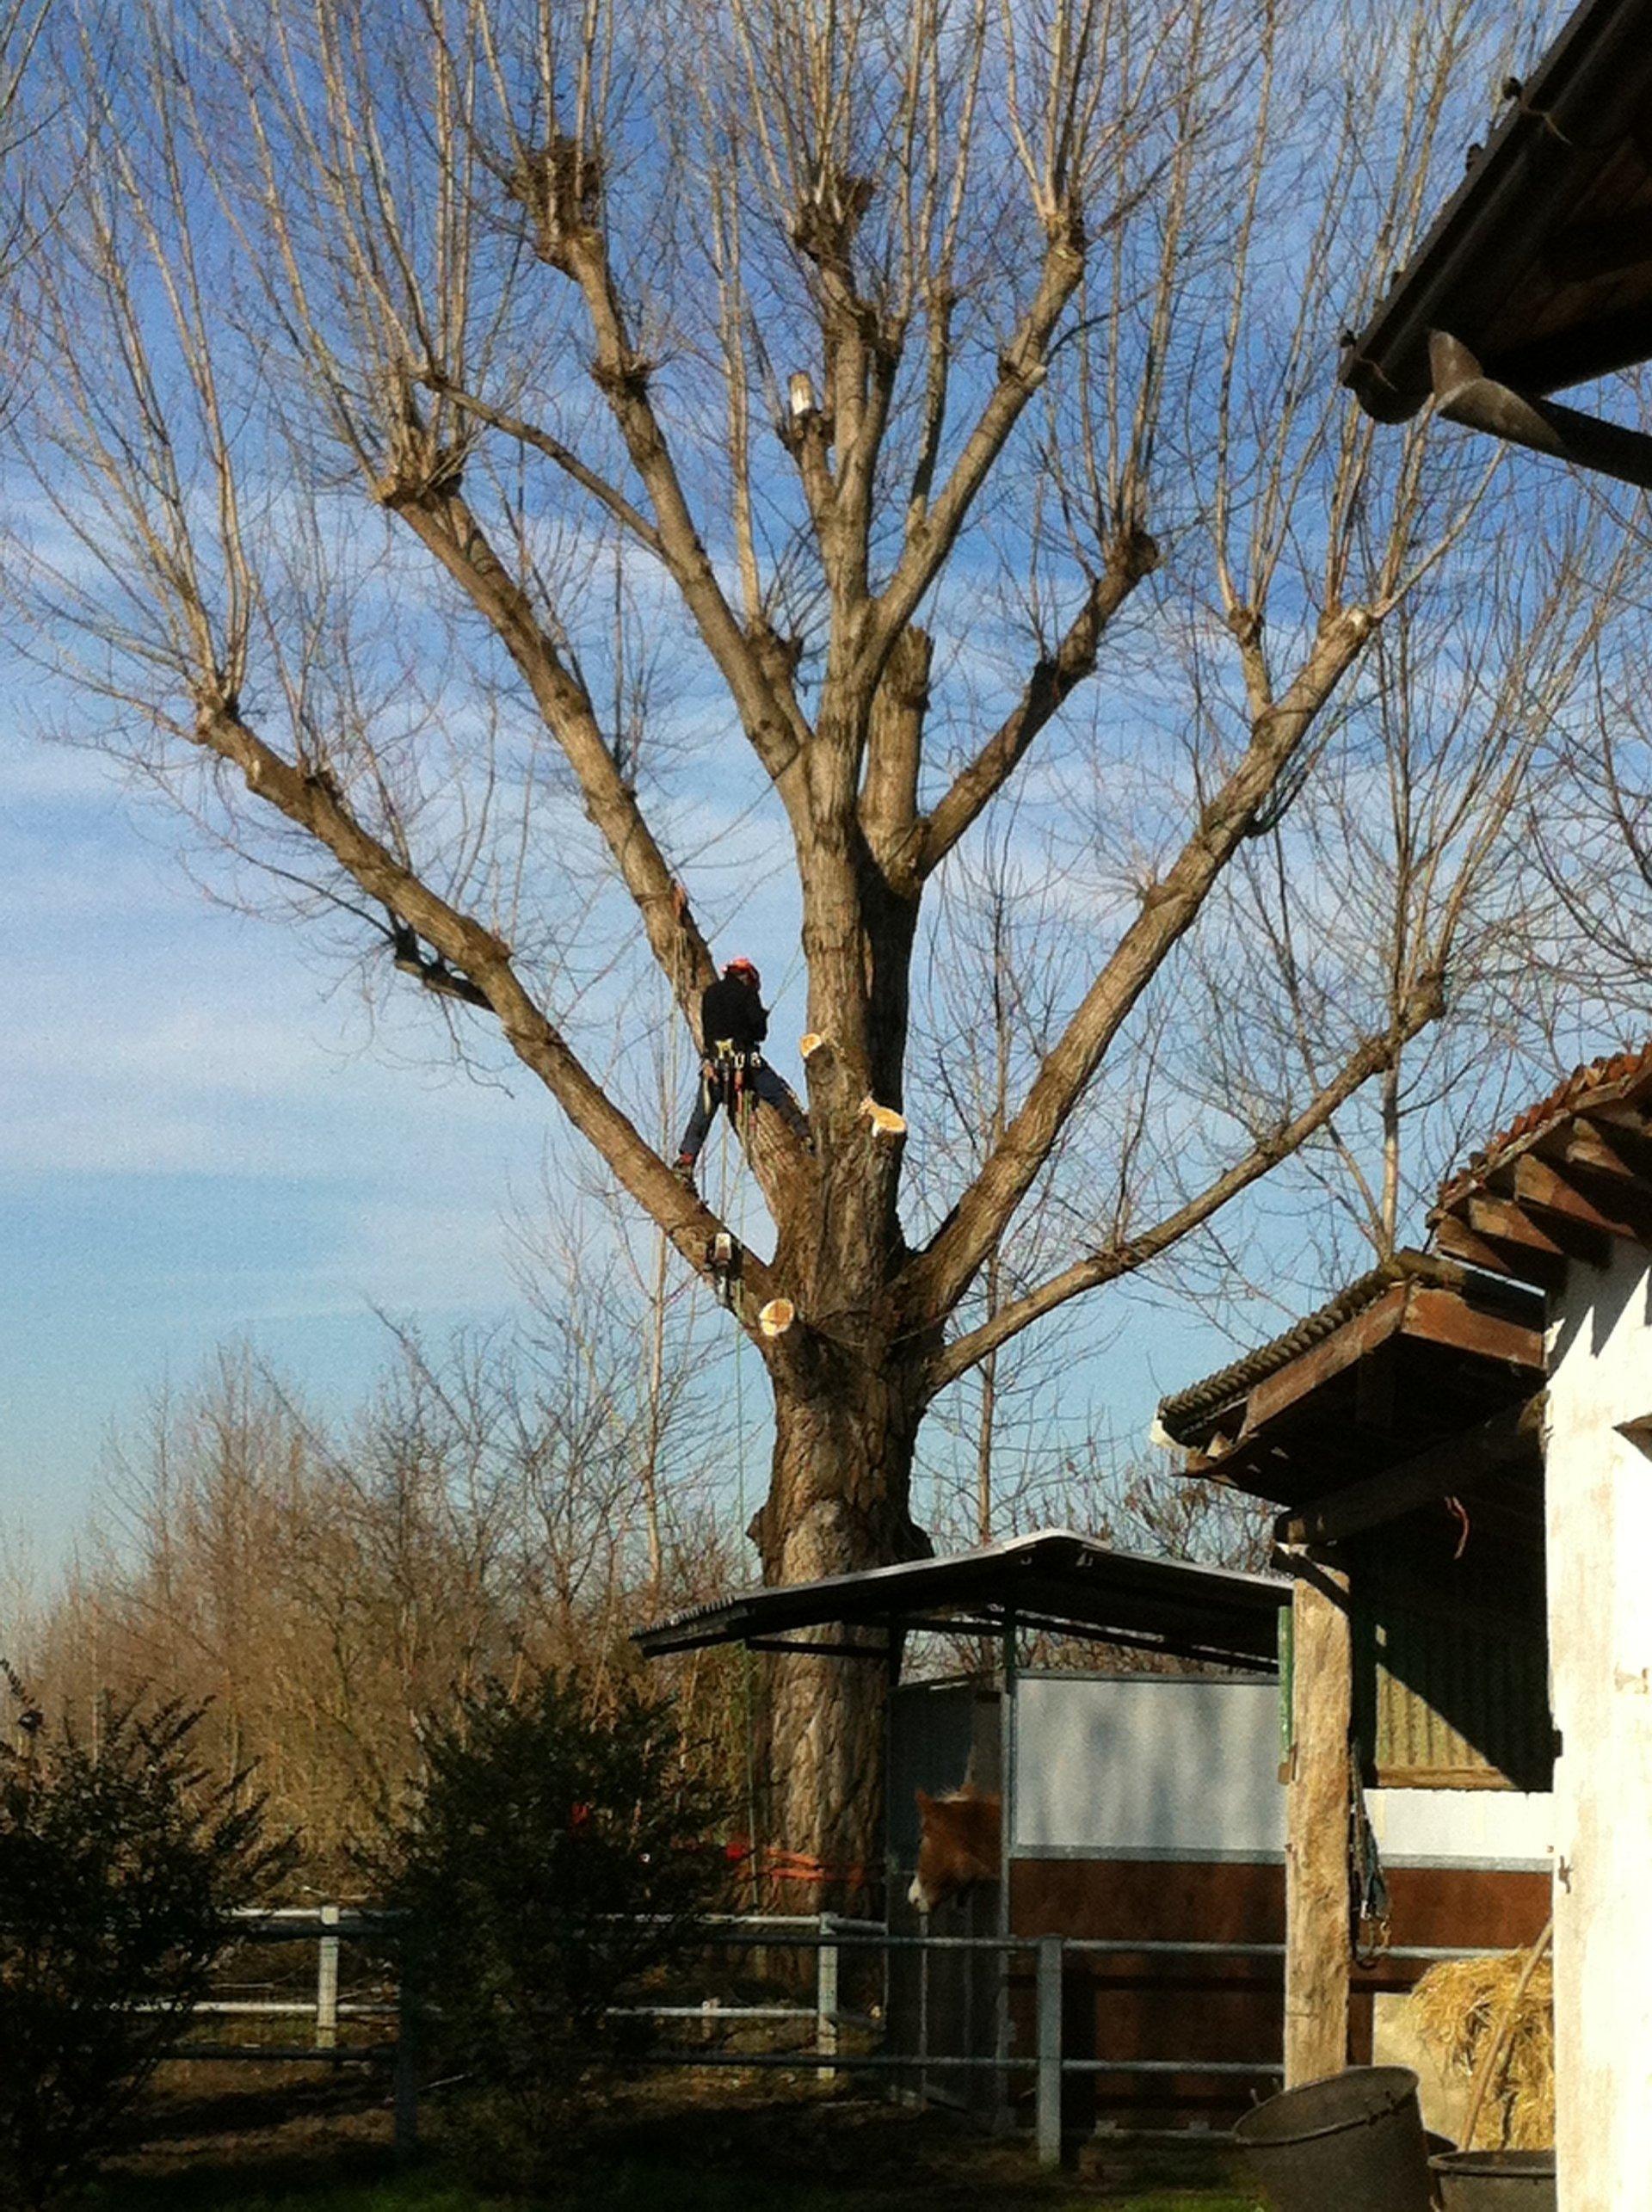 albero da tagliare in tree climbing